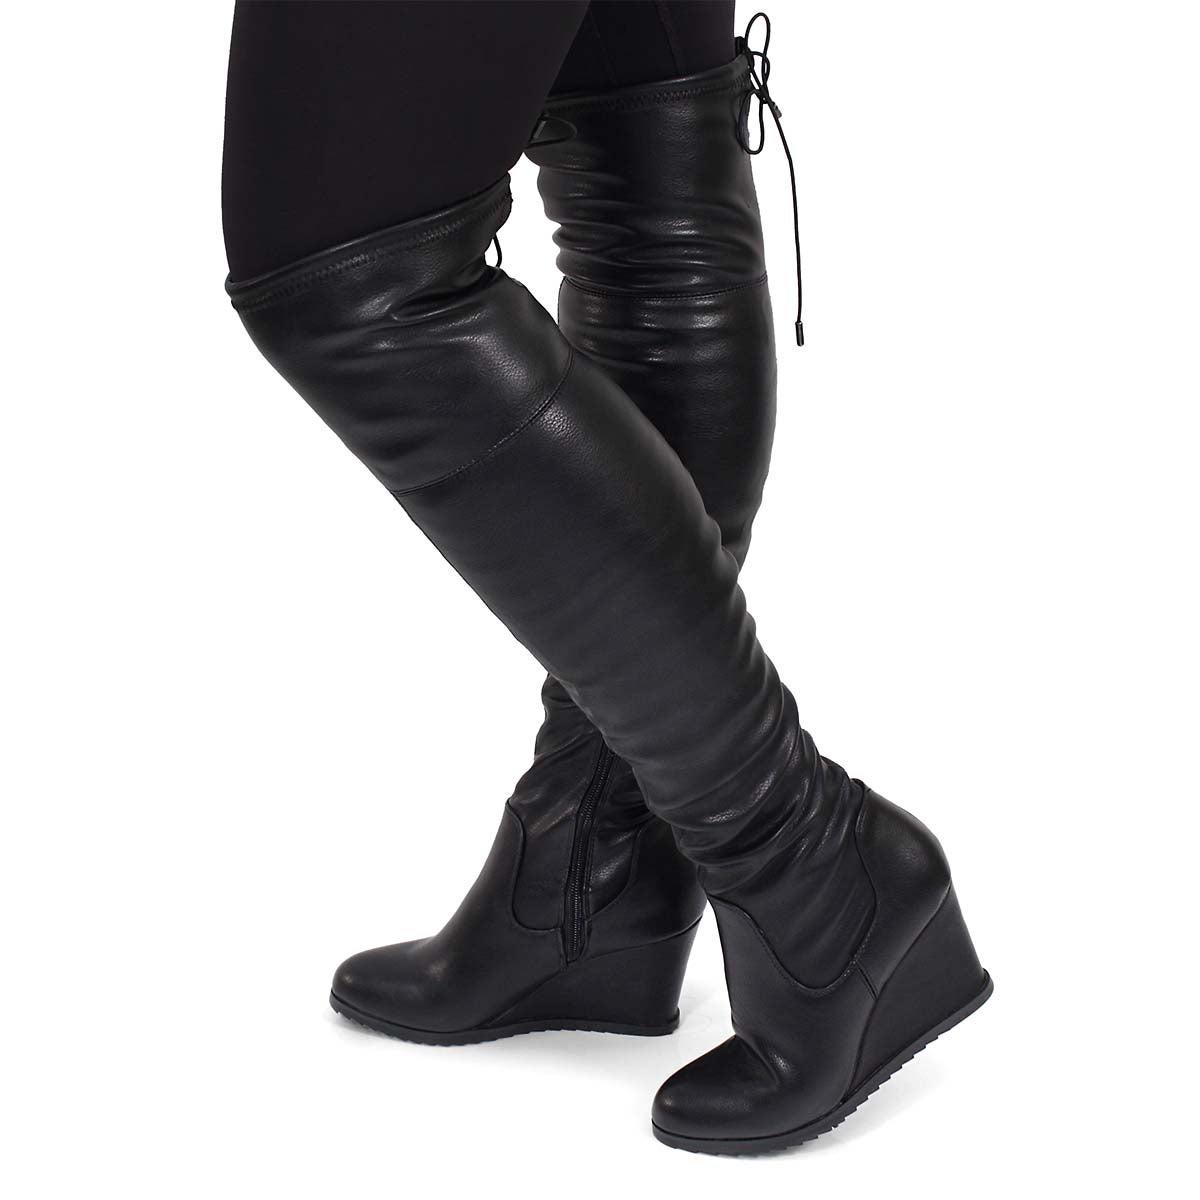 Lds Blondie II blk knee high wedge boot